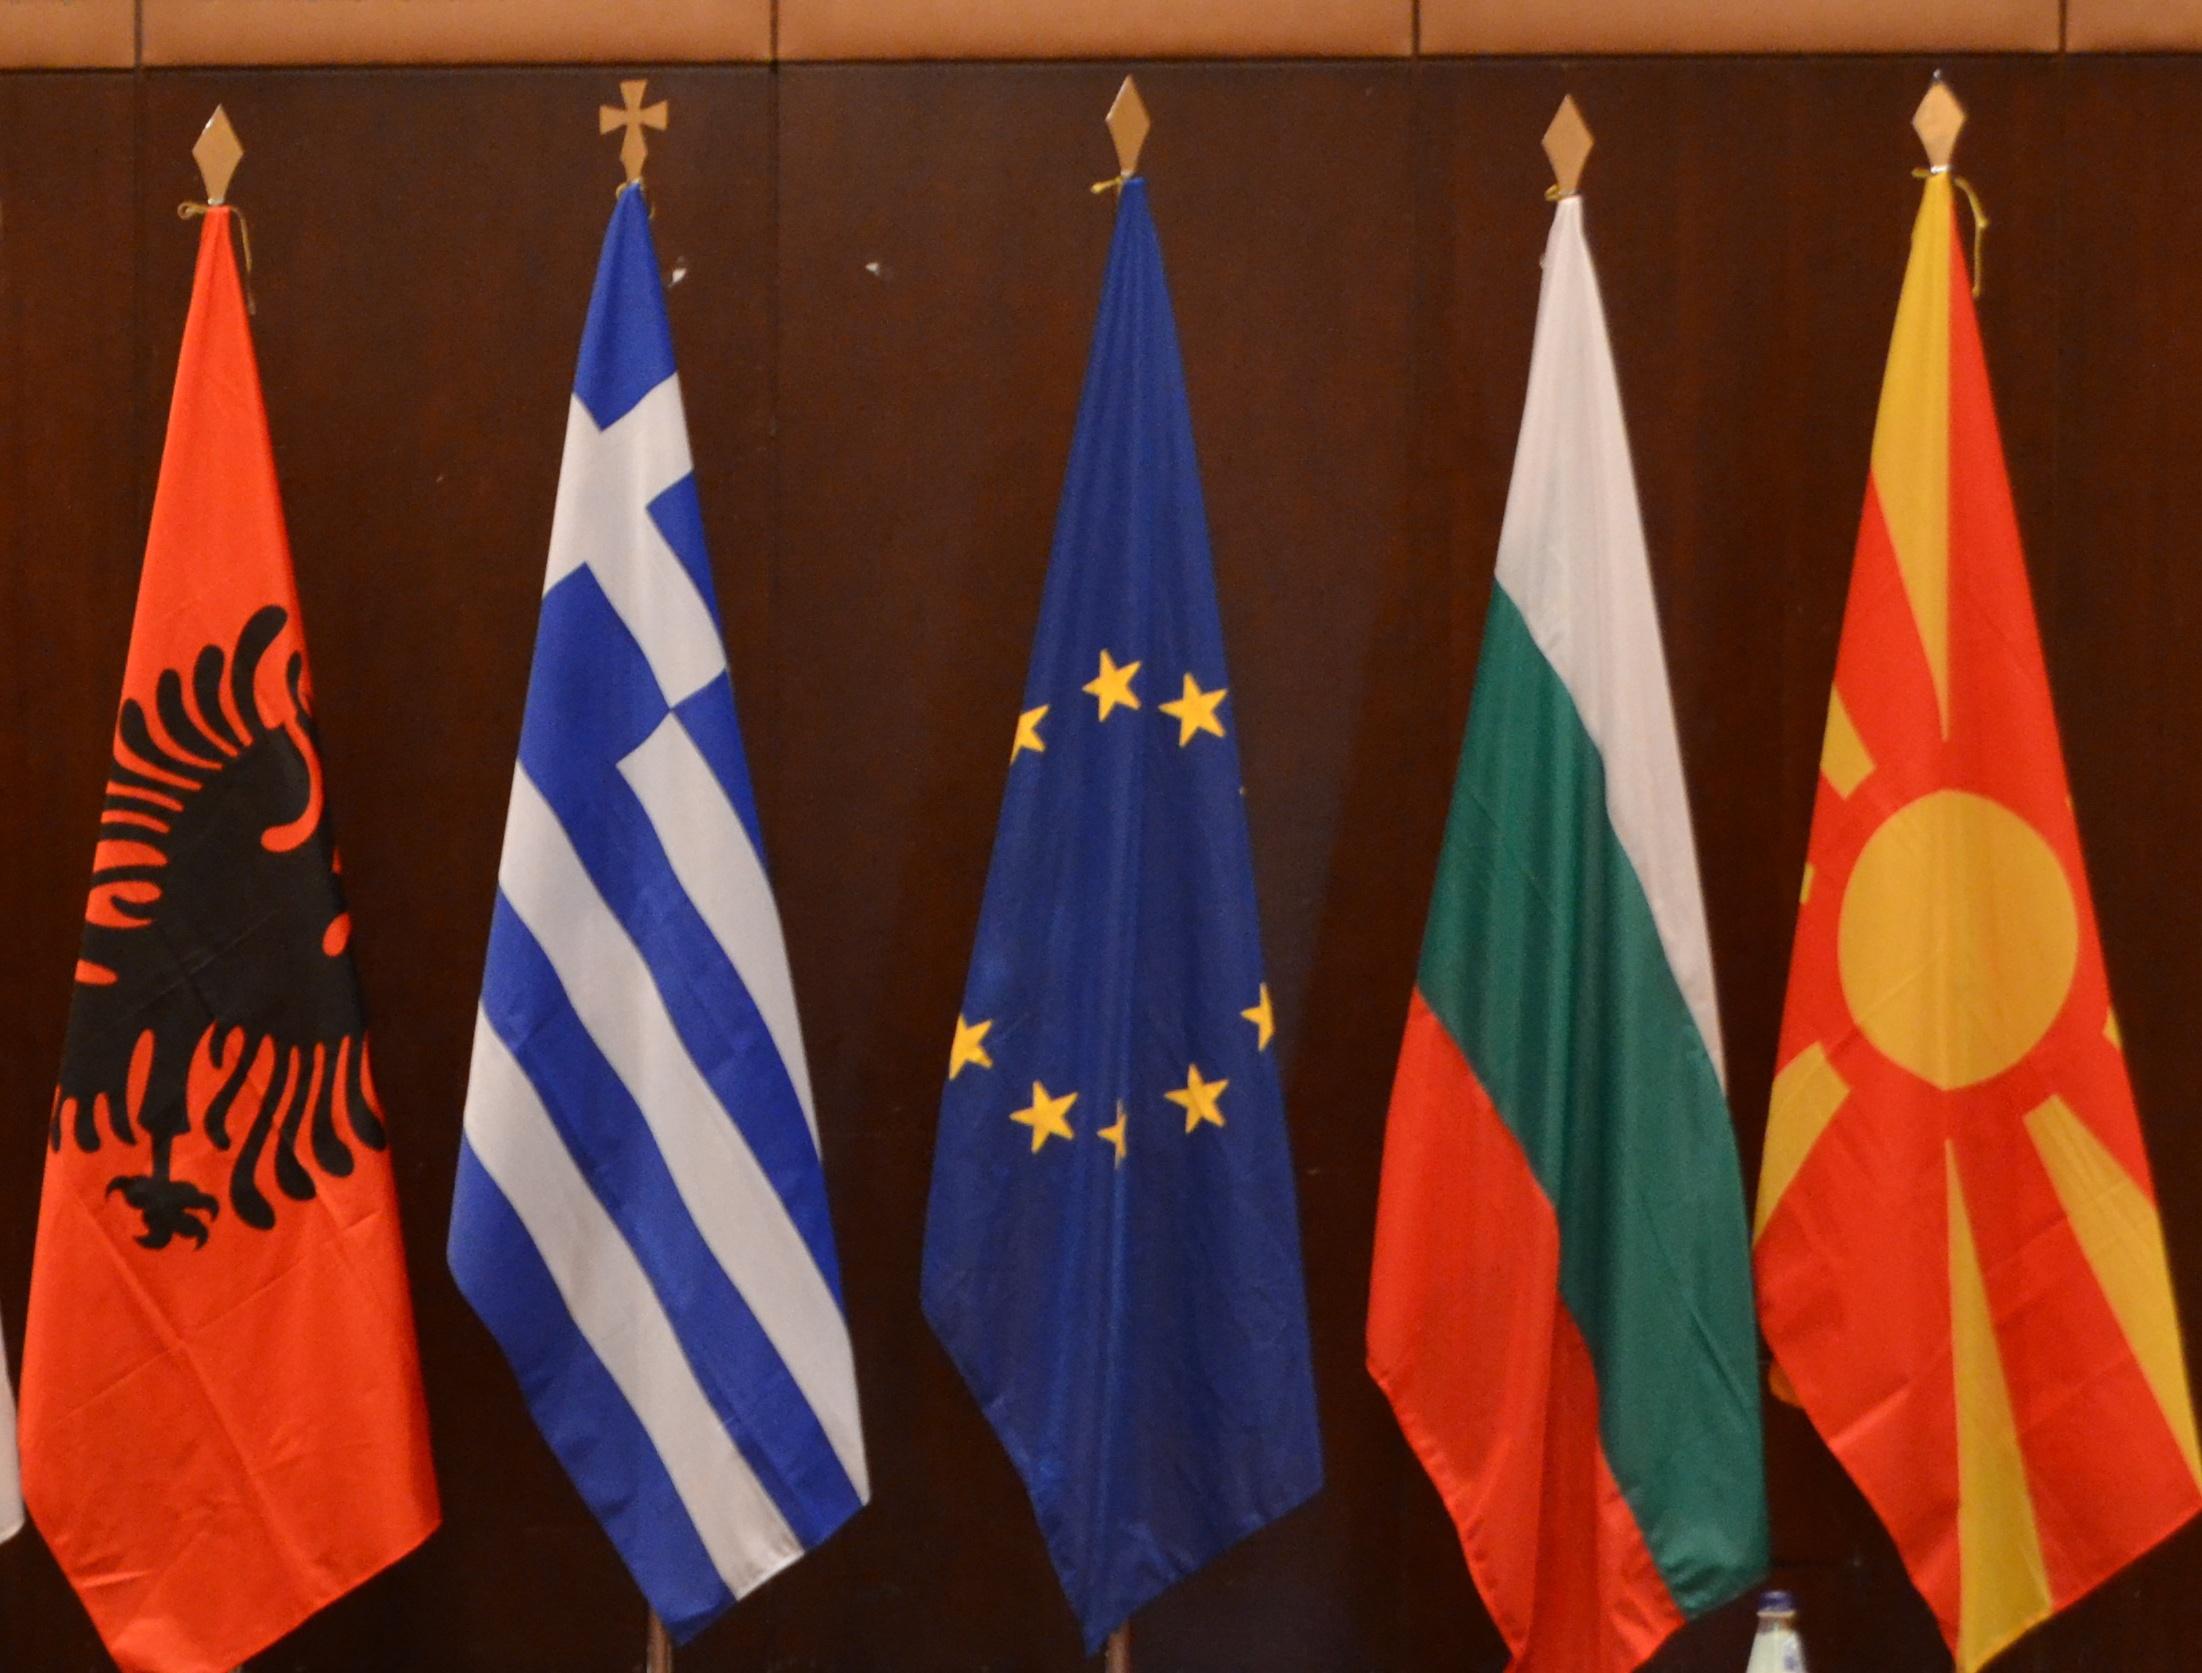 Το EASC προειδοποιεί για τους κινδύνους μη ανοίγματος των συνομιλιών ένταξης στην ΕΕ με τη Βόρεια Μακεδονία